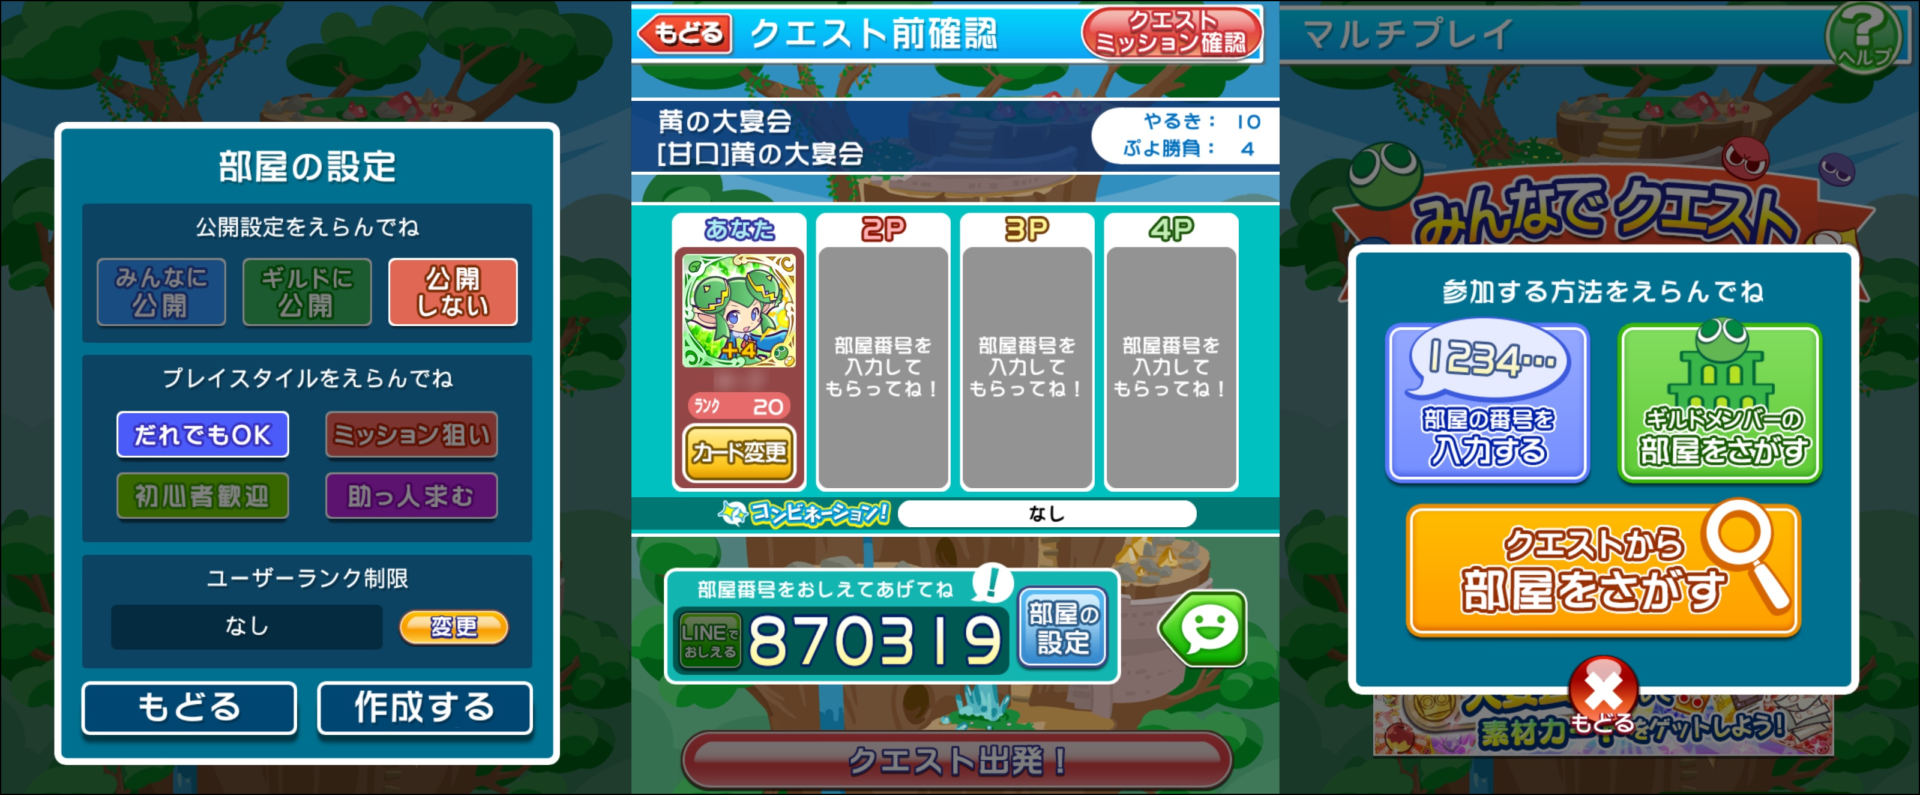 ぷよクエで複数アカウント